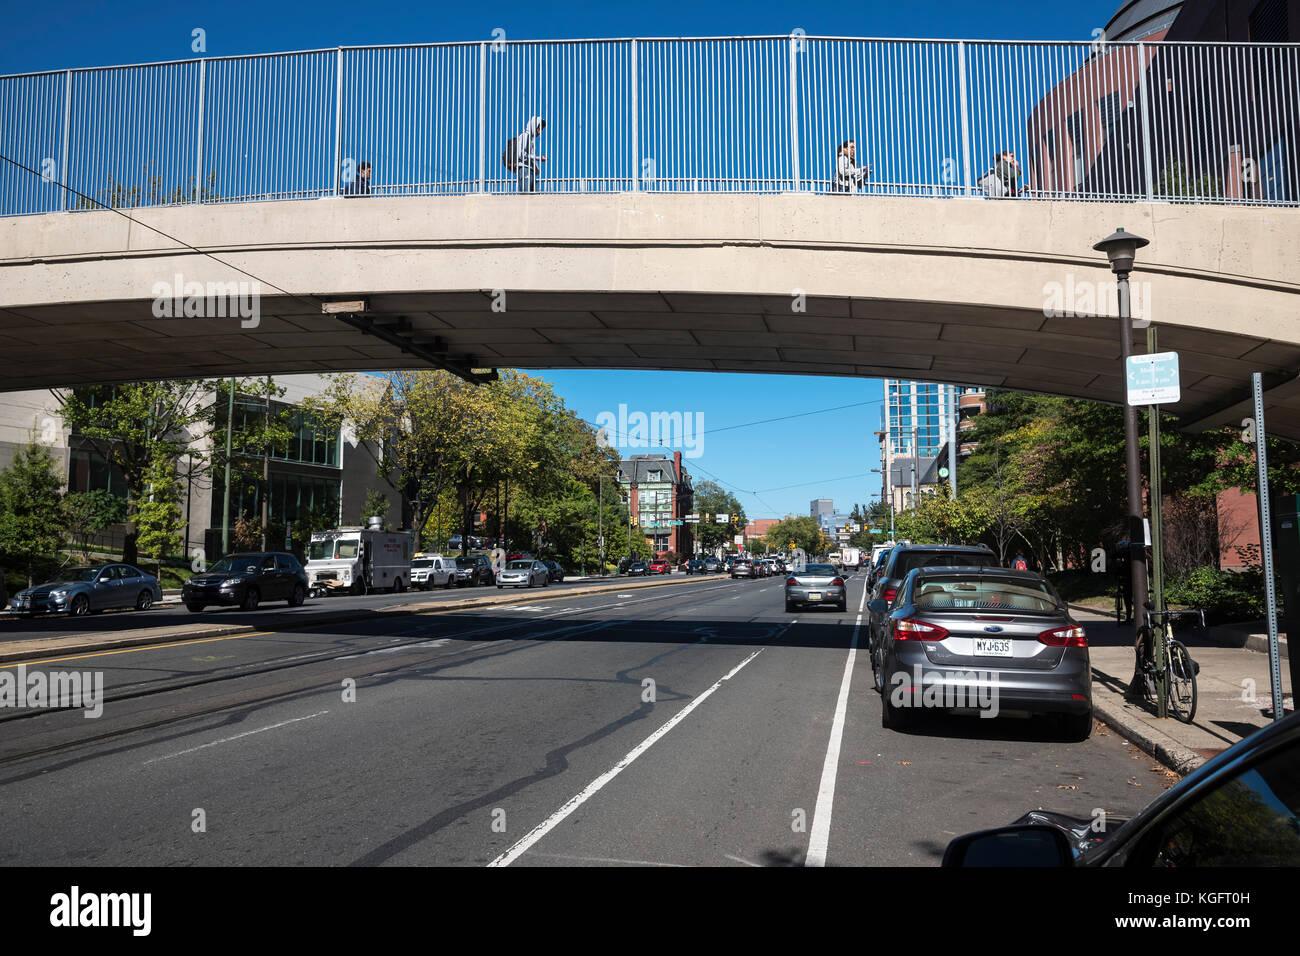 Strada di Philadelphia, Pennsylvania, Stati Uniti d'America Immagini Stock